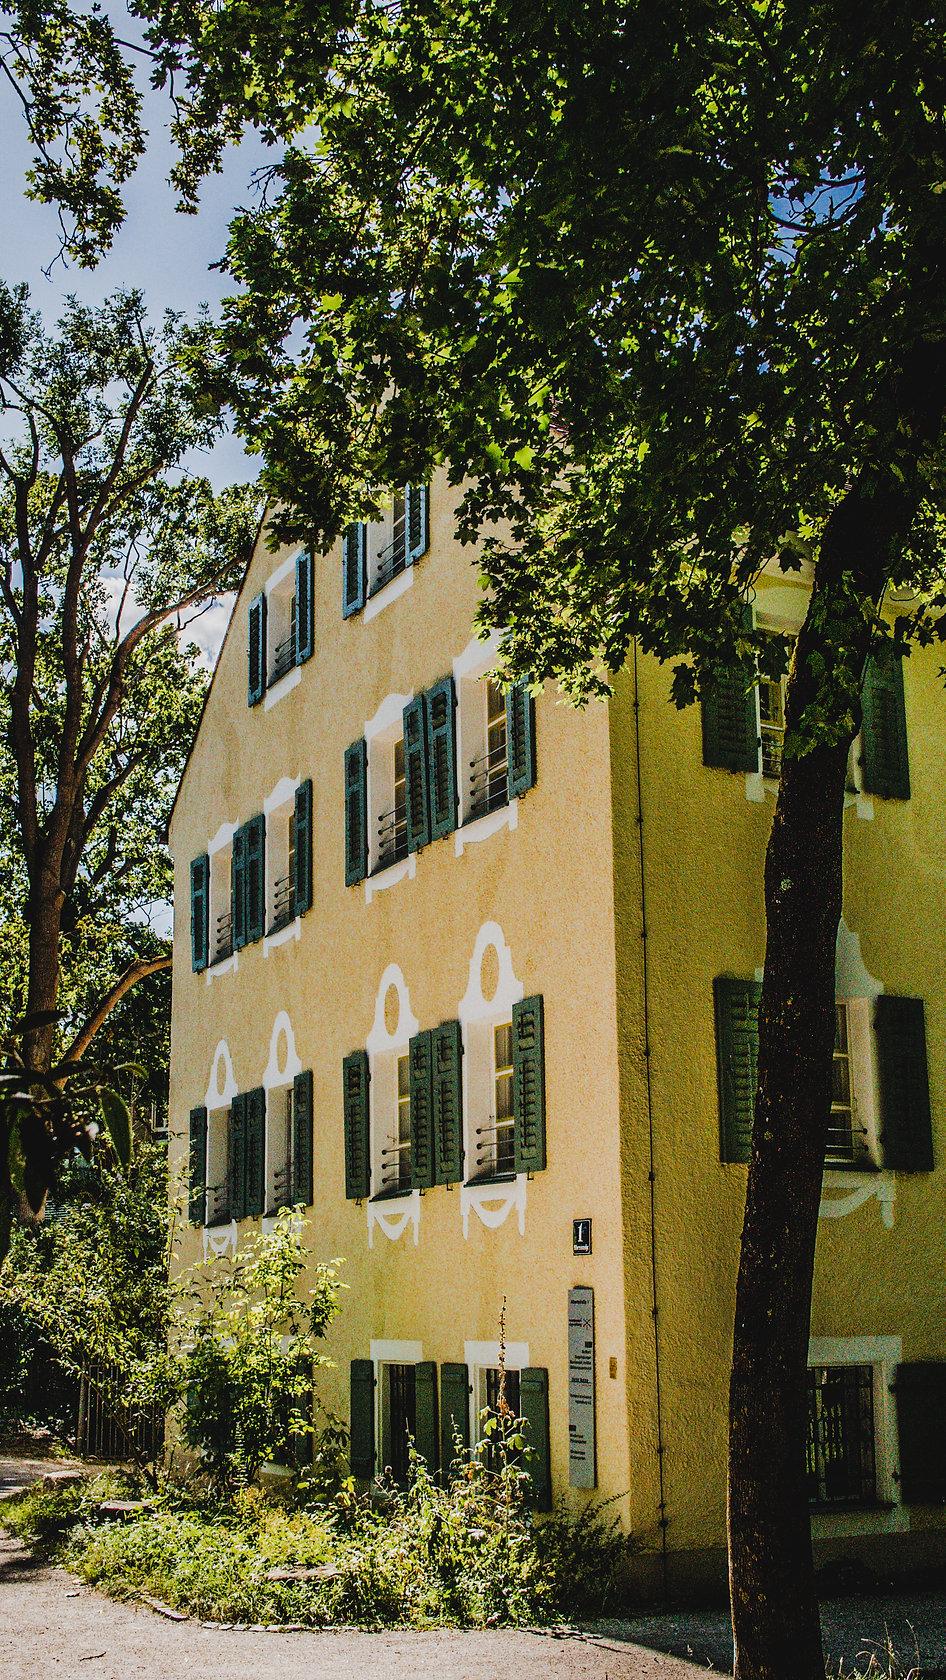 Albertstr. 1 Regensburg first base